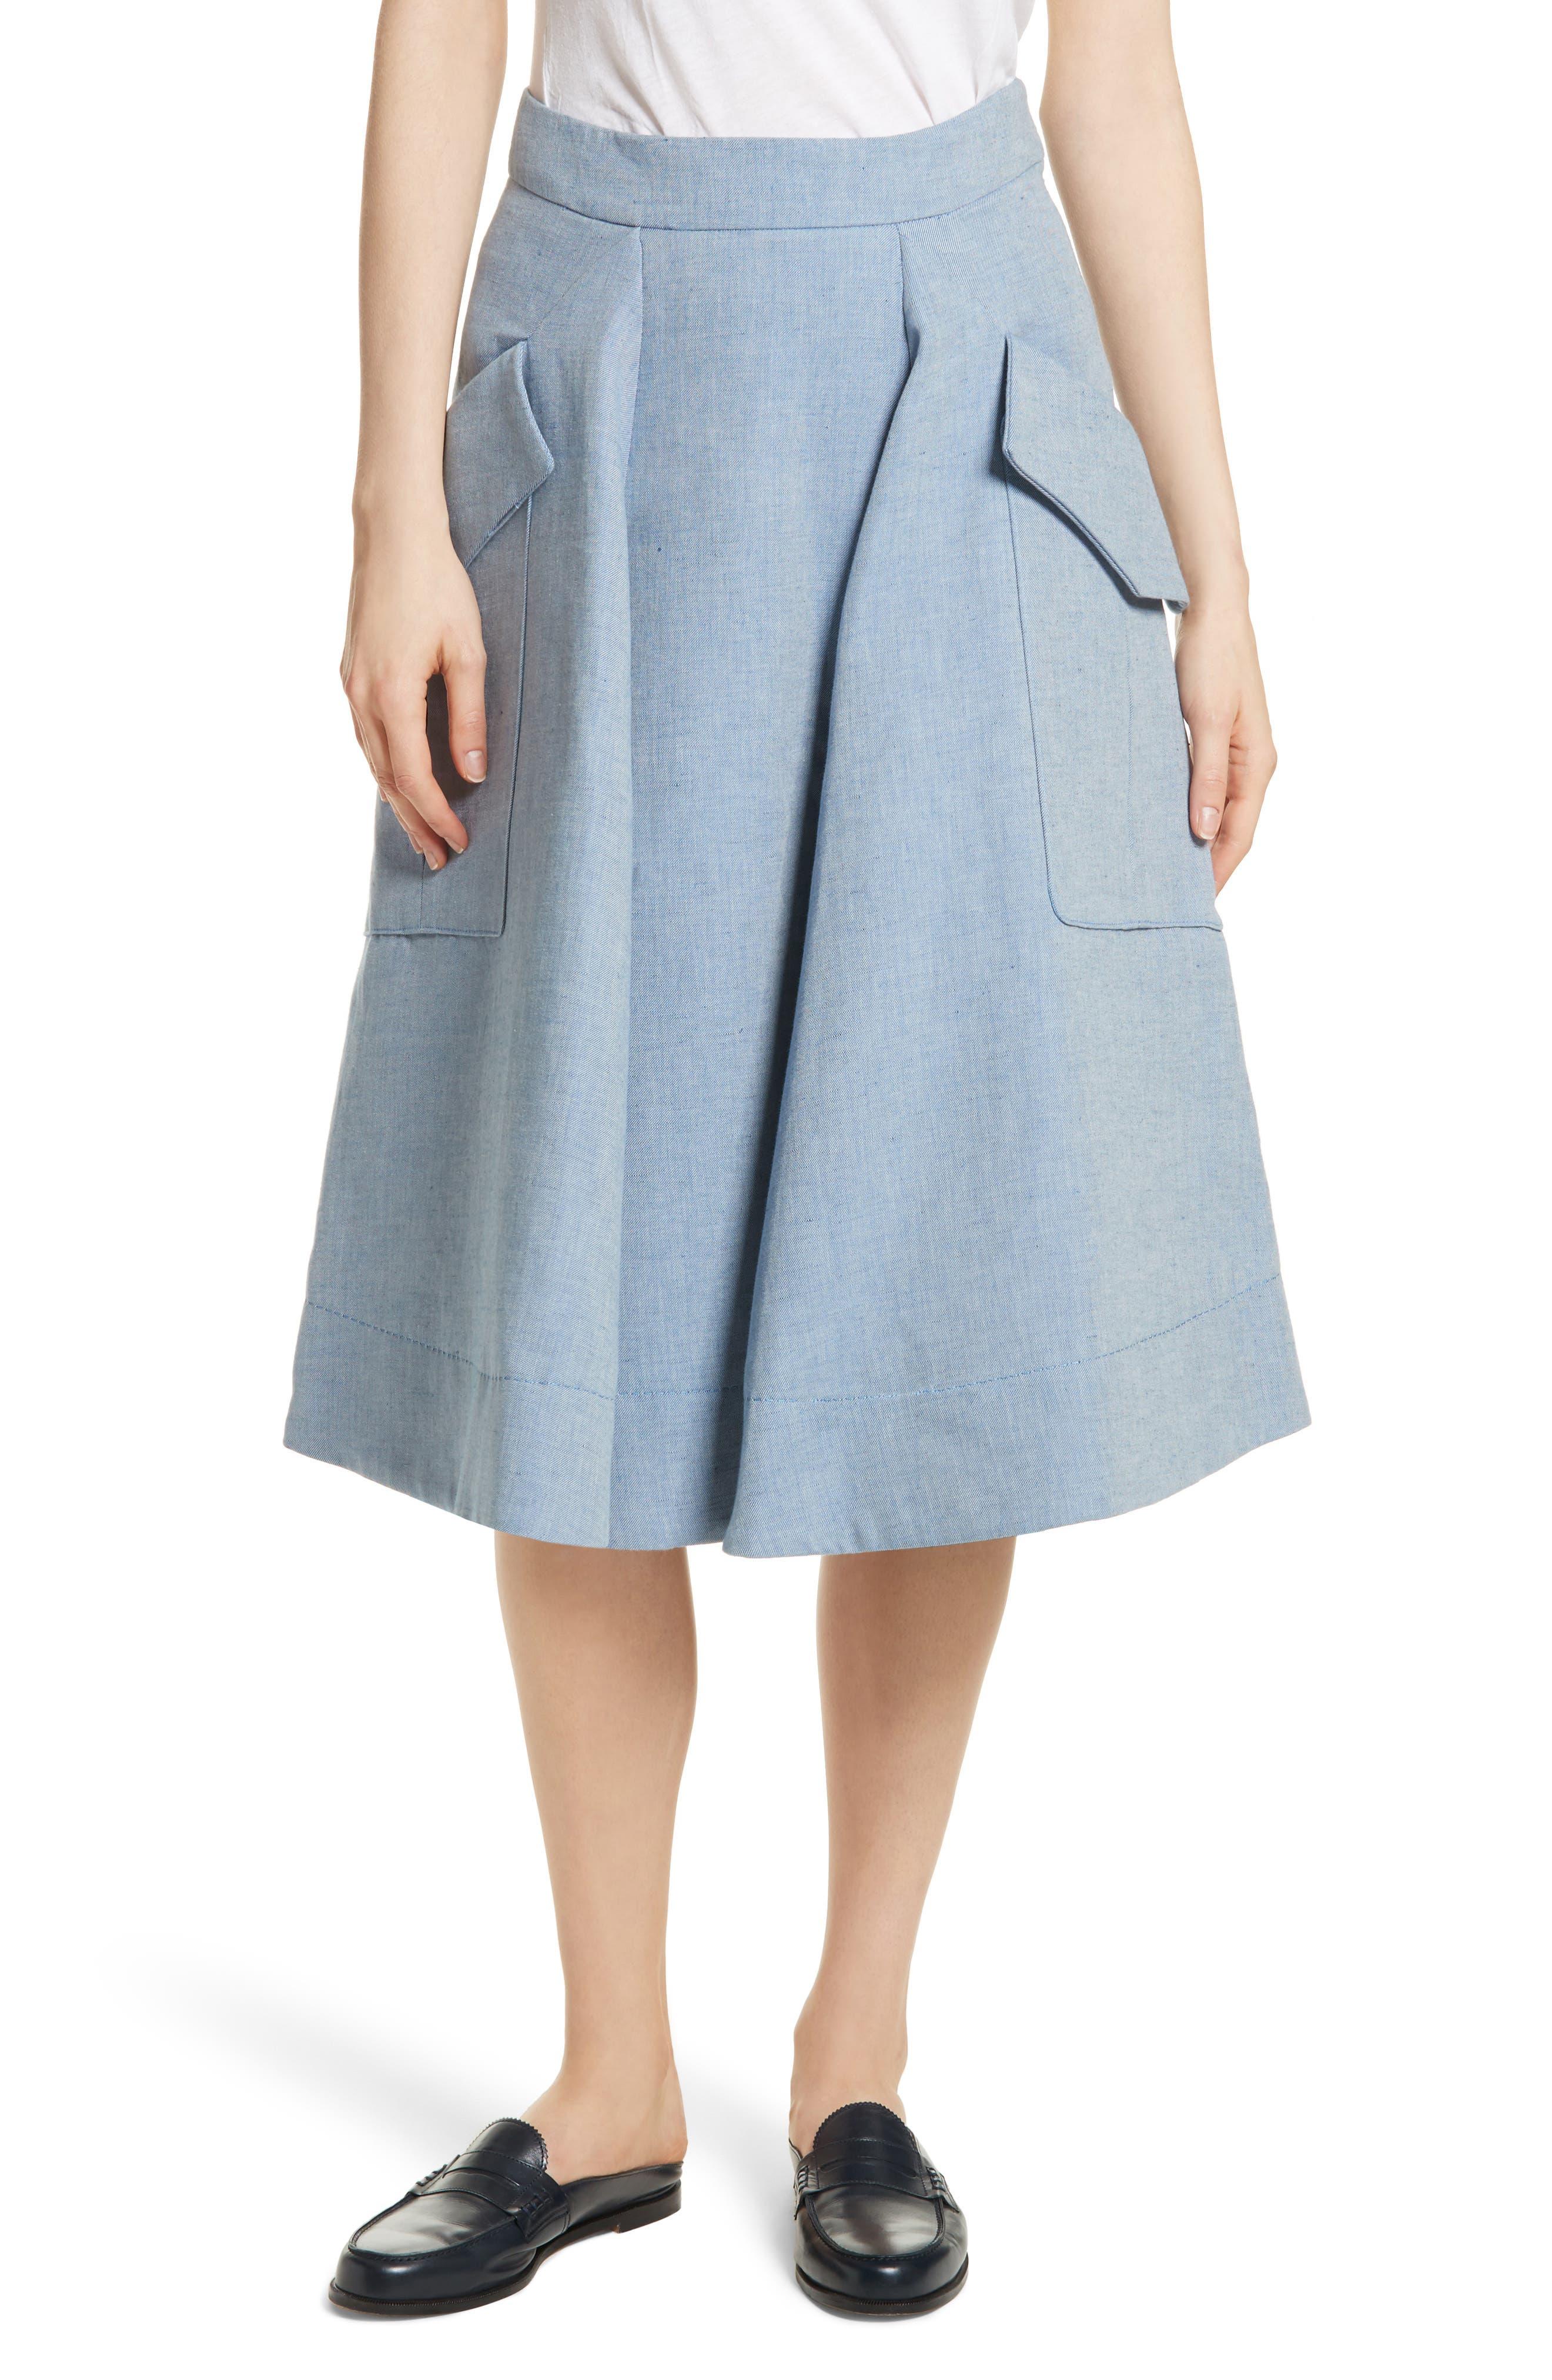 Jupe Genou Skirt,                         Main,                         color, 400